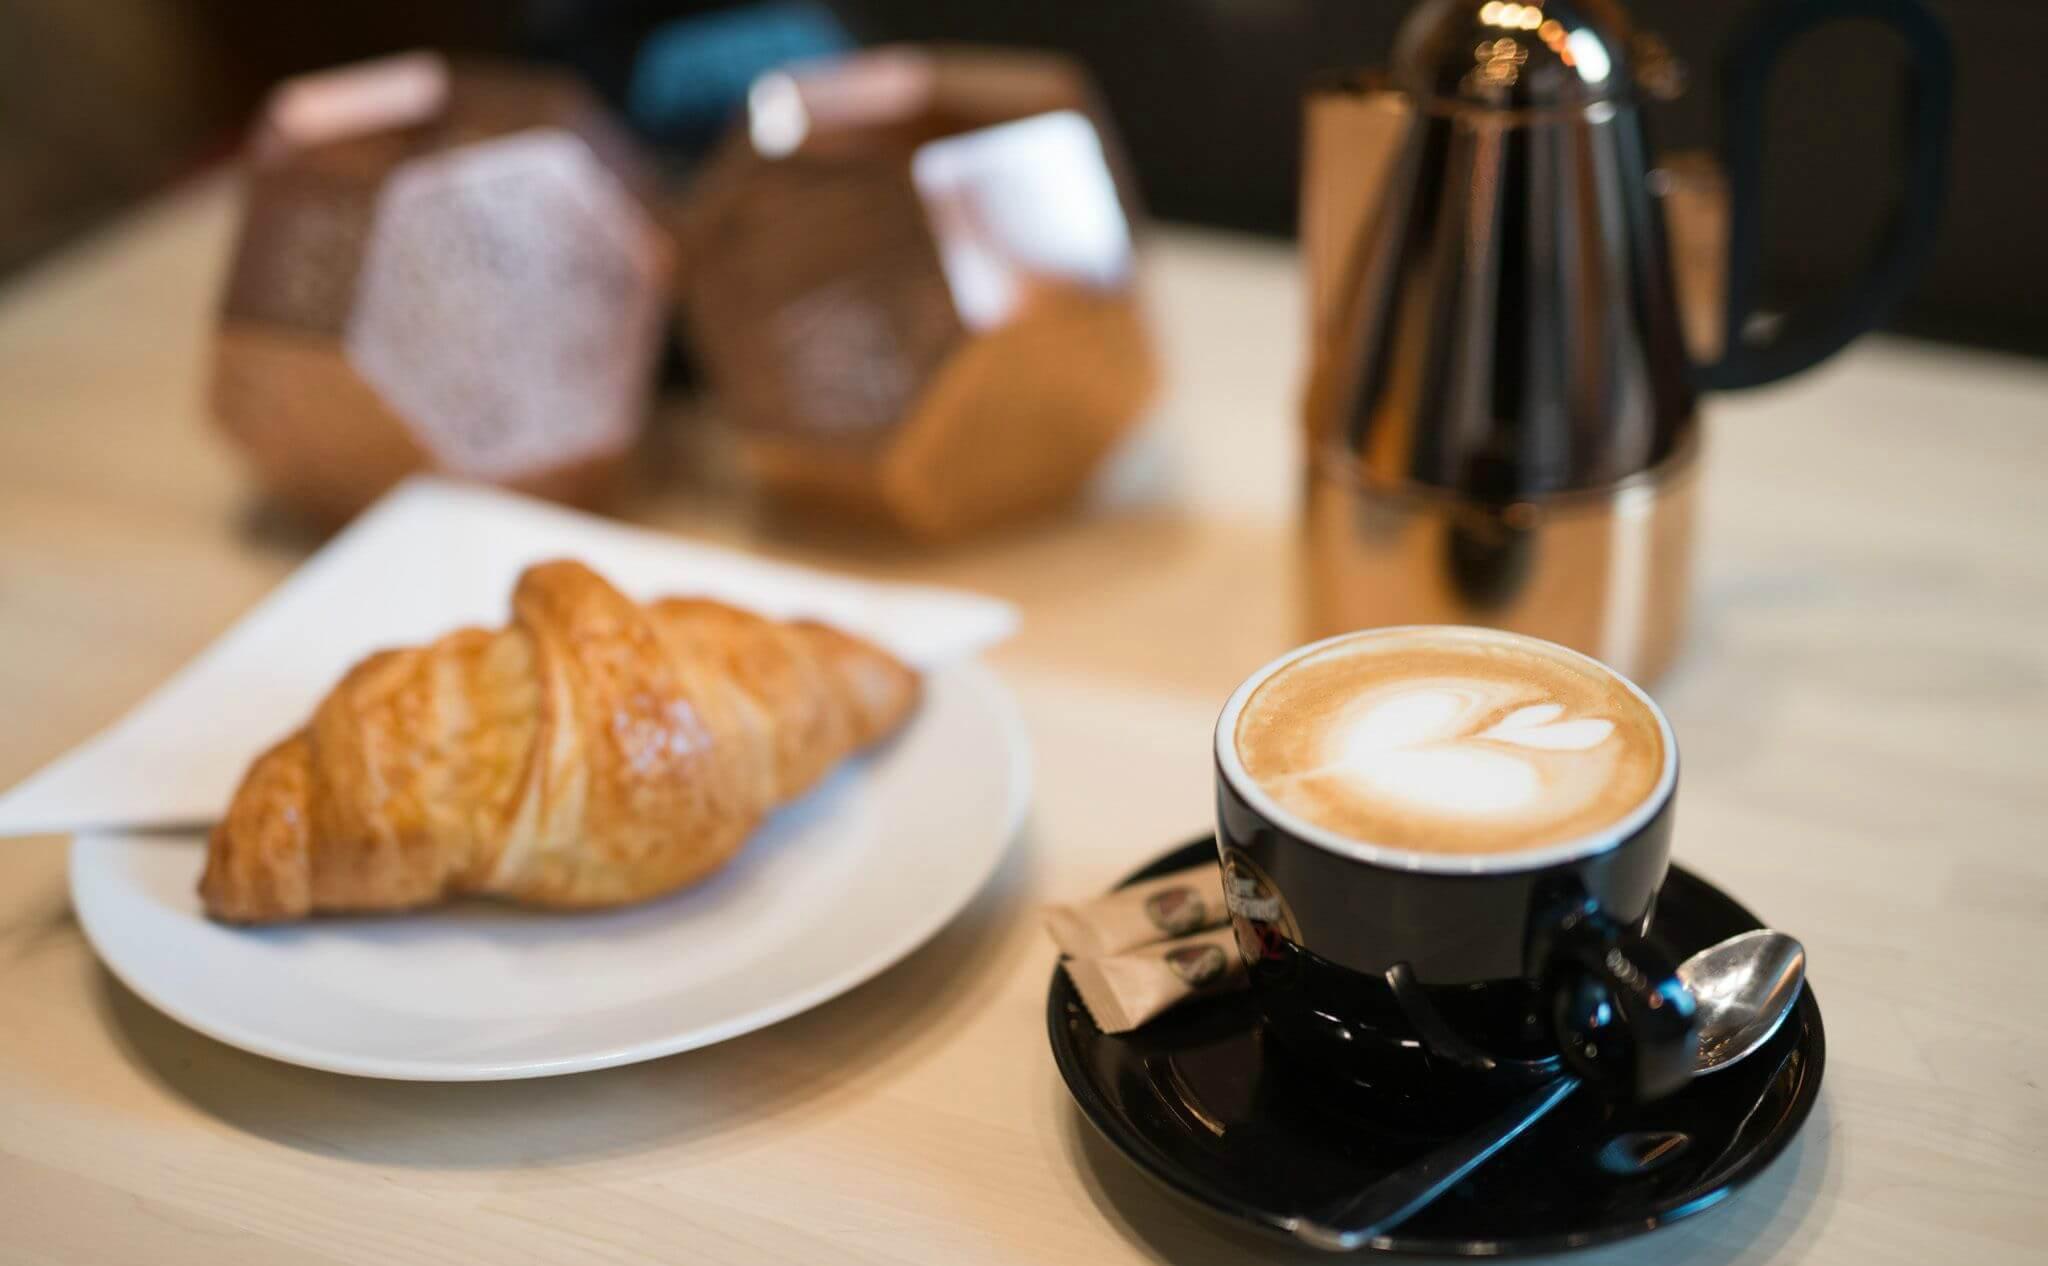 Solinfo Cafe Budapest ארוחות בוקר בבודפשט